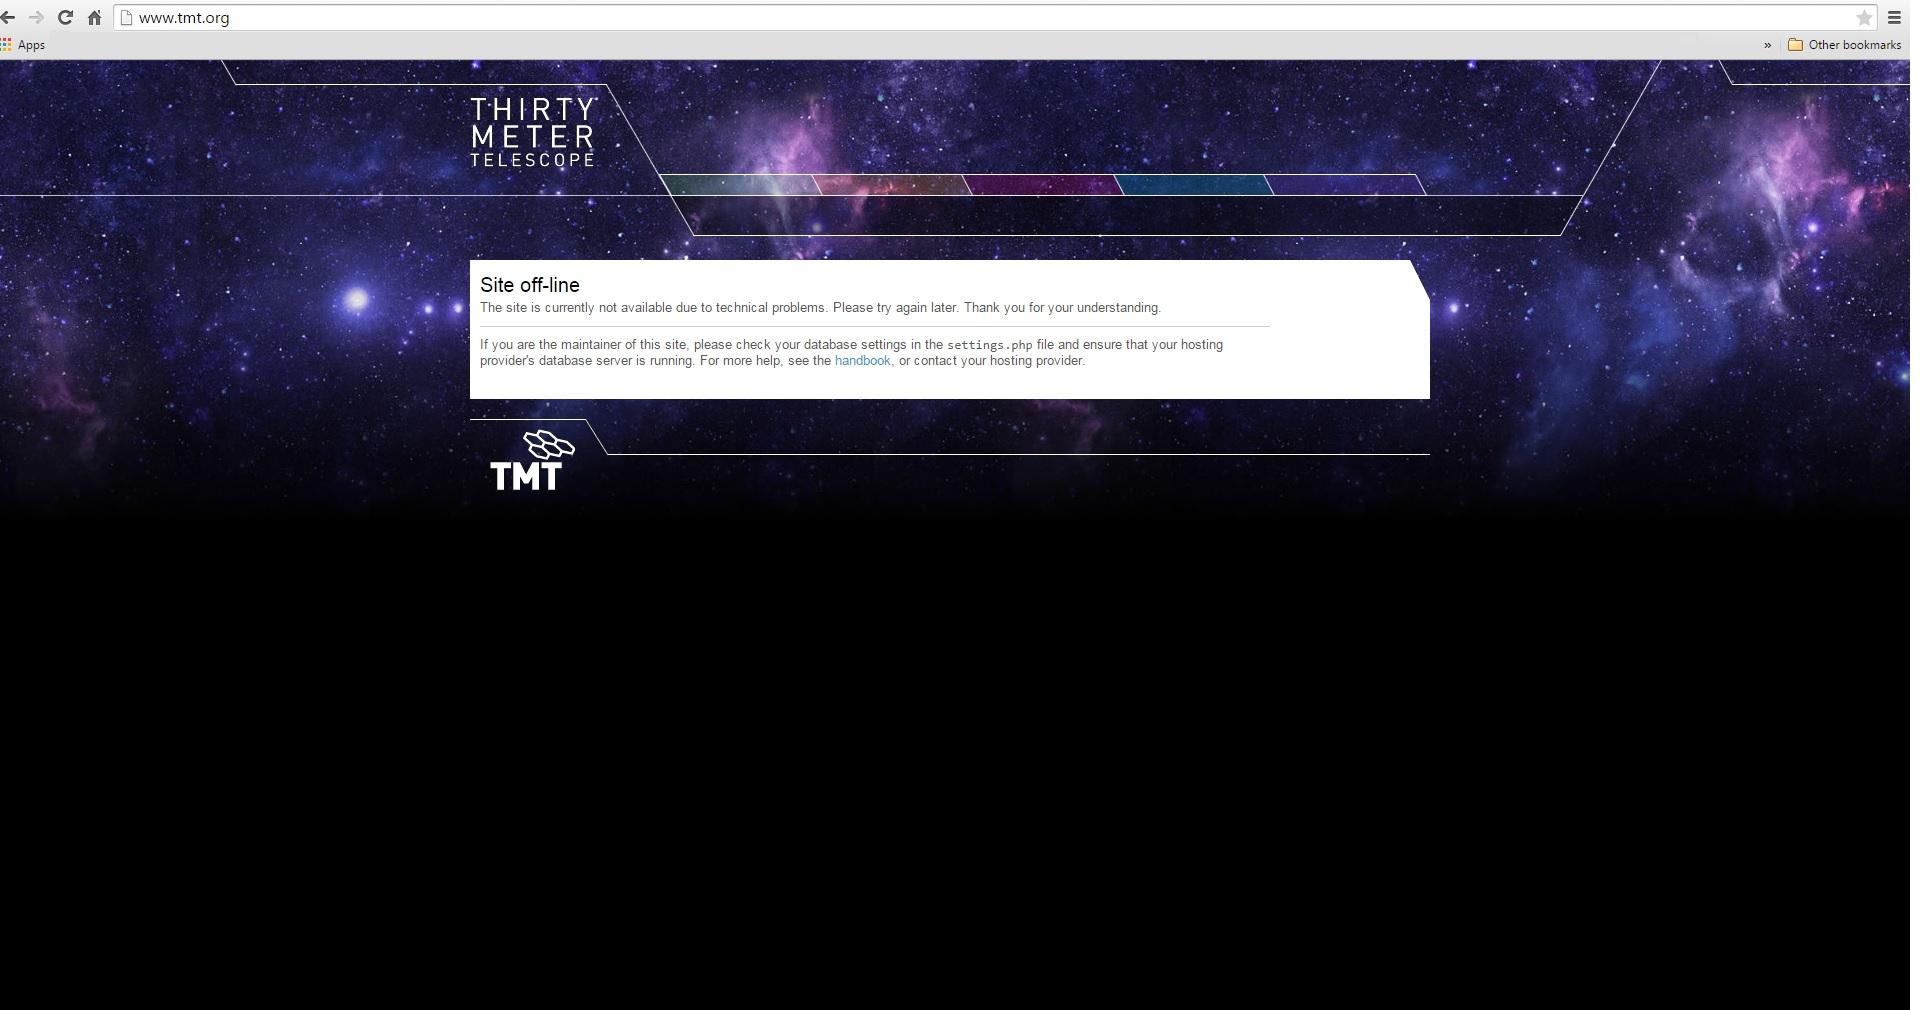 04-26 TMT WEBSITE SCREENCAP_91271